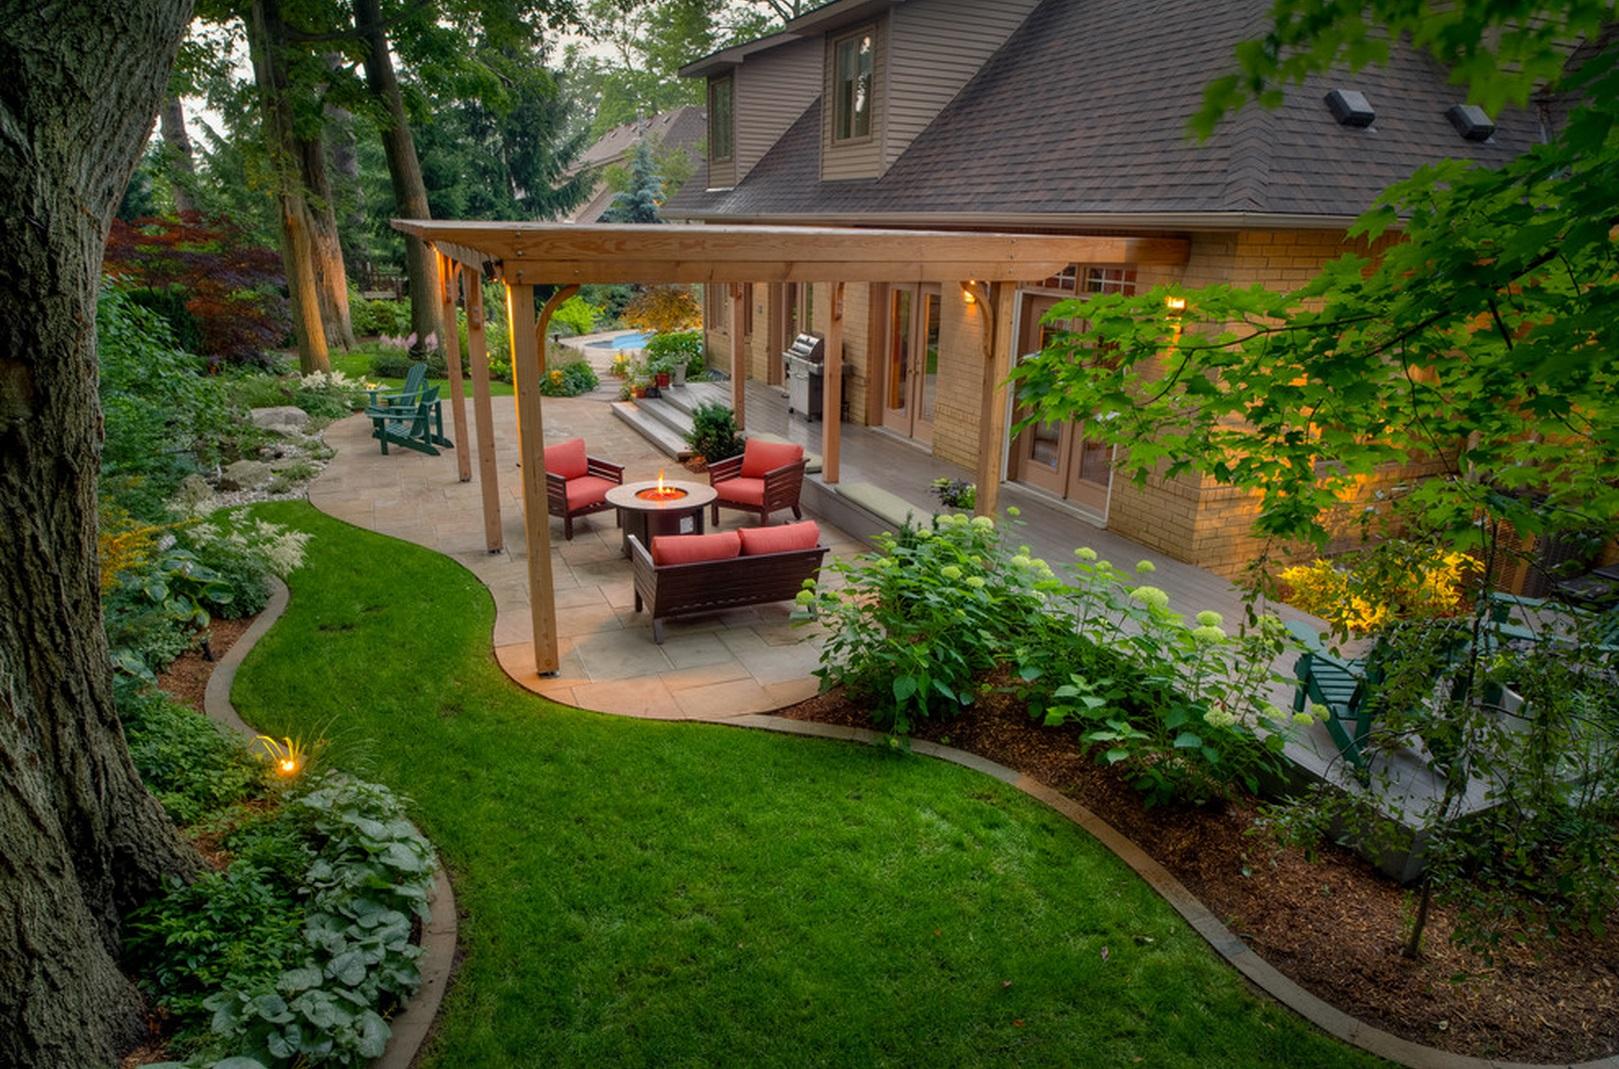 Ландшафтный дизайн загородного участка 10 соток